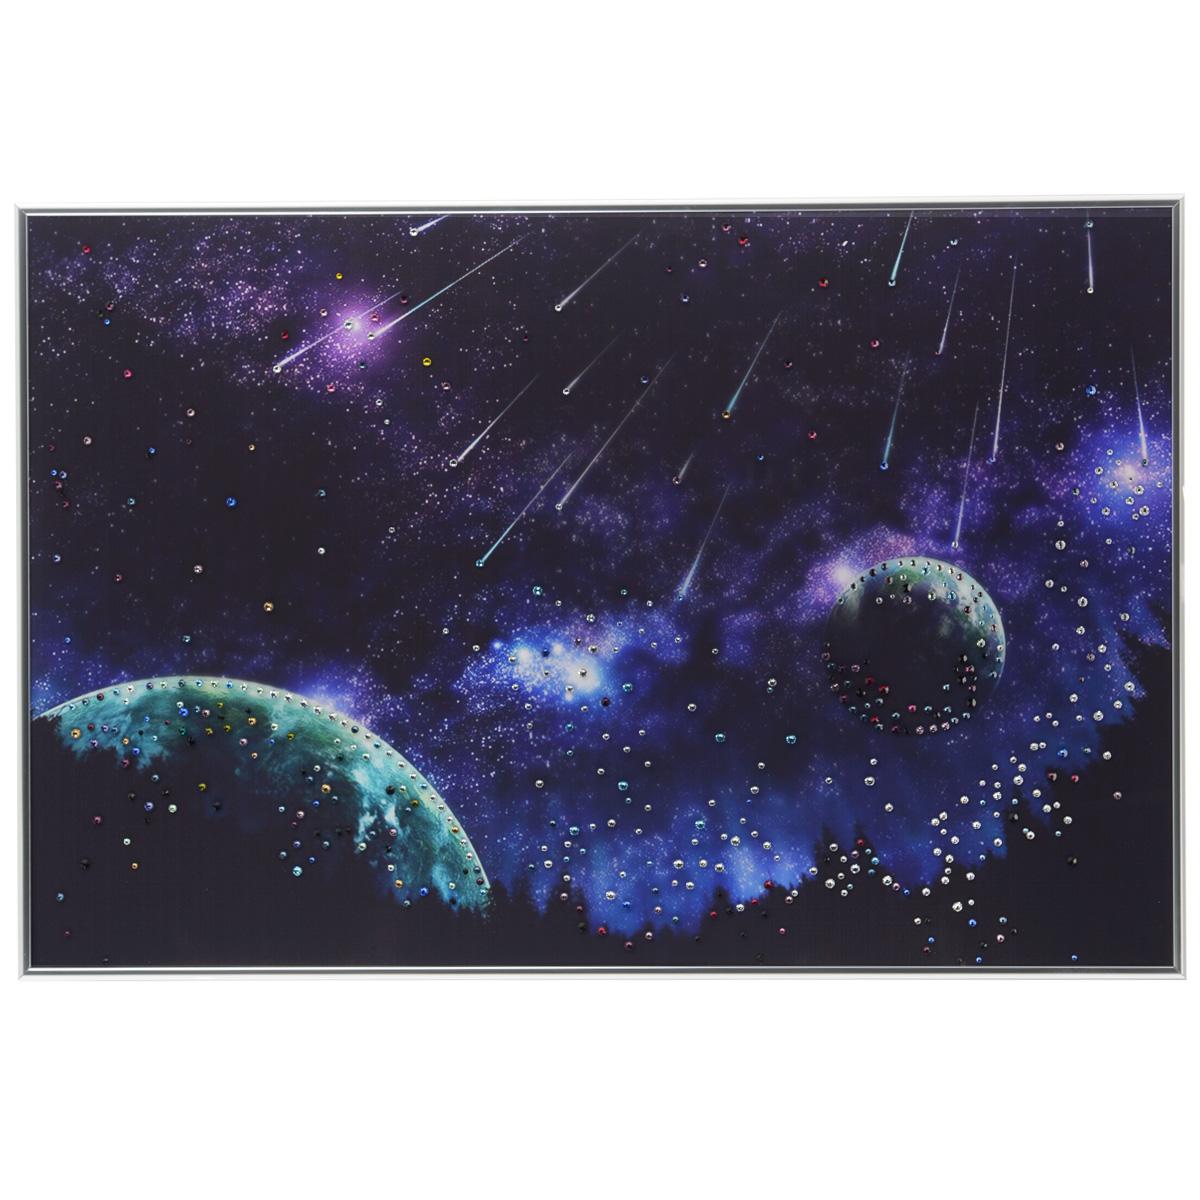 Картина с кристаллами Swarovski Звездопад, 60 см х 40 см1106Изящная картина в металлической раме, инкрустирована кристаллами Swarovski, которые отличаются четкой и ровной огранкой, ярким блеском и чистотой цвета. Красочное изображение звездопада, расположенное на внутренней стороне стекла, прекрасно дополняет блеск кристаллов. С обратной стороны имеется металлическая петелька для размещения картины на стене. Картина с кристаллами Swarovski Звездопад элегантно украсит интерьер дома или офиса, а также станет прекрасным подарком, который обязательно понравится получателю. Блеск кристаллов в интерьере, что может быть сказочнее и удивительнее. Картина упакована в подарочную картонную коробку синего цвета и комплектуется сертификатом соответствия Swarovski.